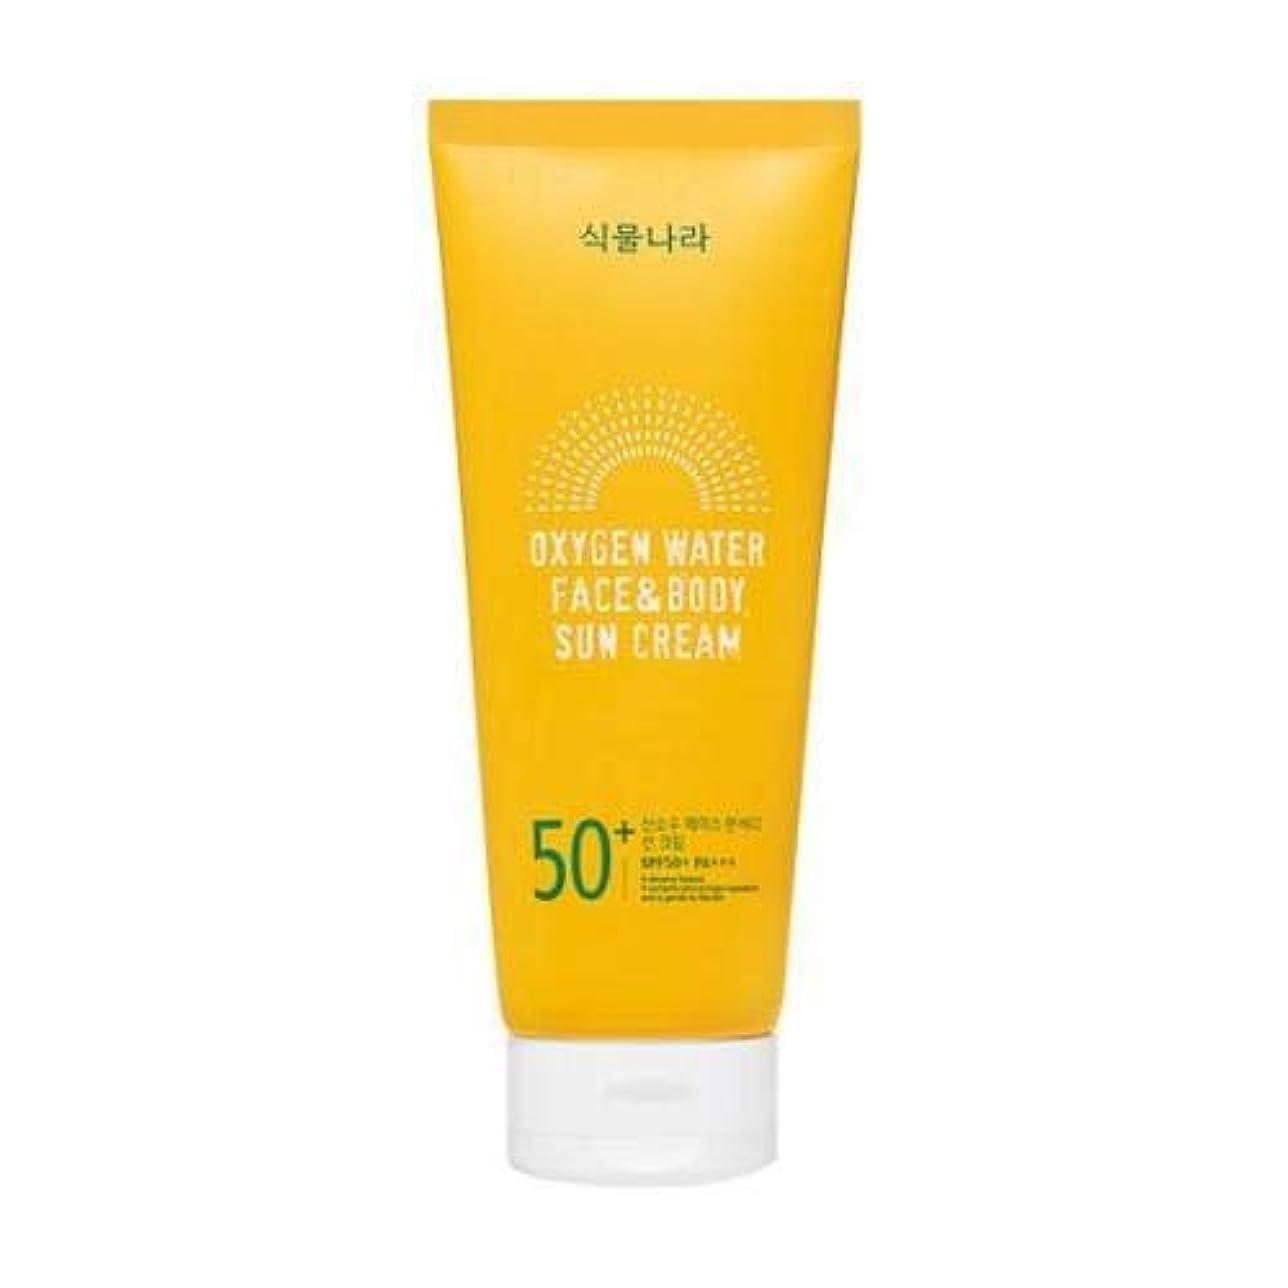 不可能な気を散らすランデブーshingmulnara Oxygen Water Face & Body sun cream サンクリーム (200ml) SPF50+ PA+++